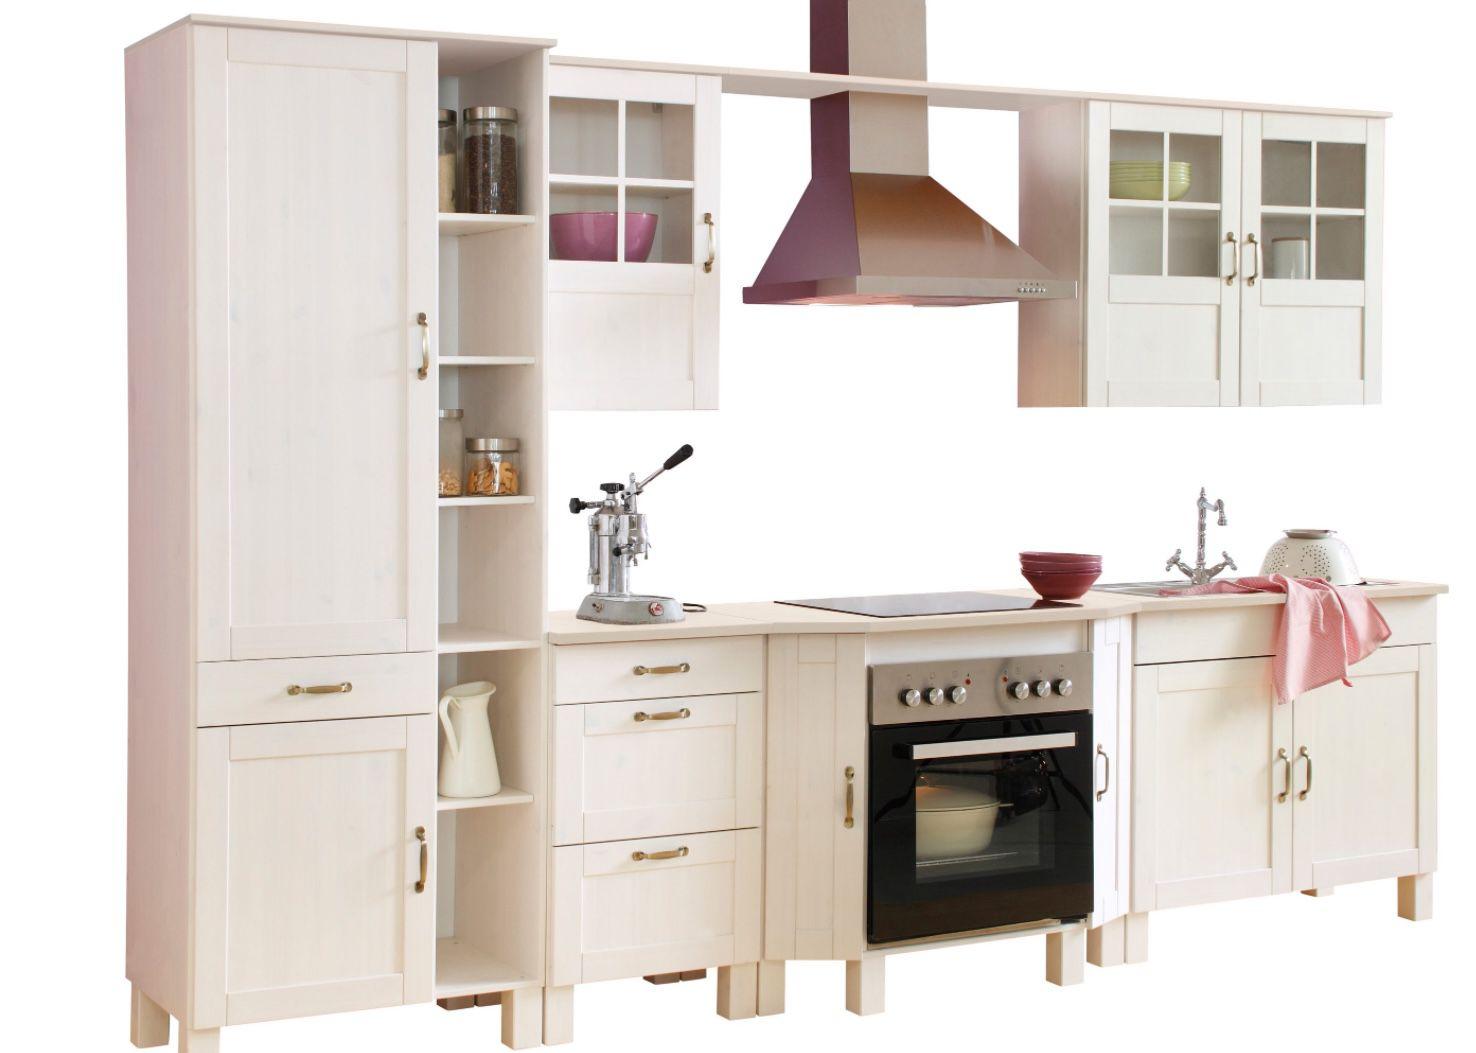 Fehler? Home affaire Küchen Set Alby ohne E Geräte mit 325cm Breite aus massiver Kiefer für 191,94€ (statt 1.799€)